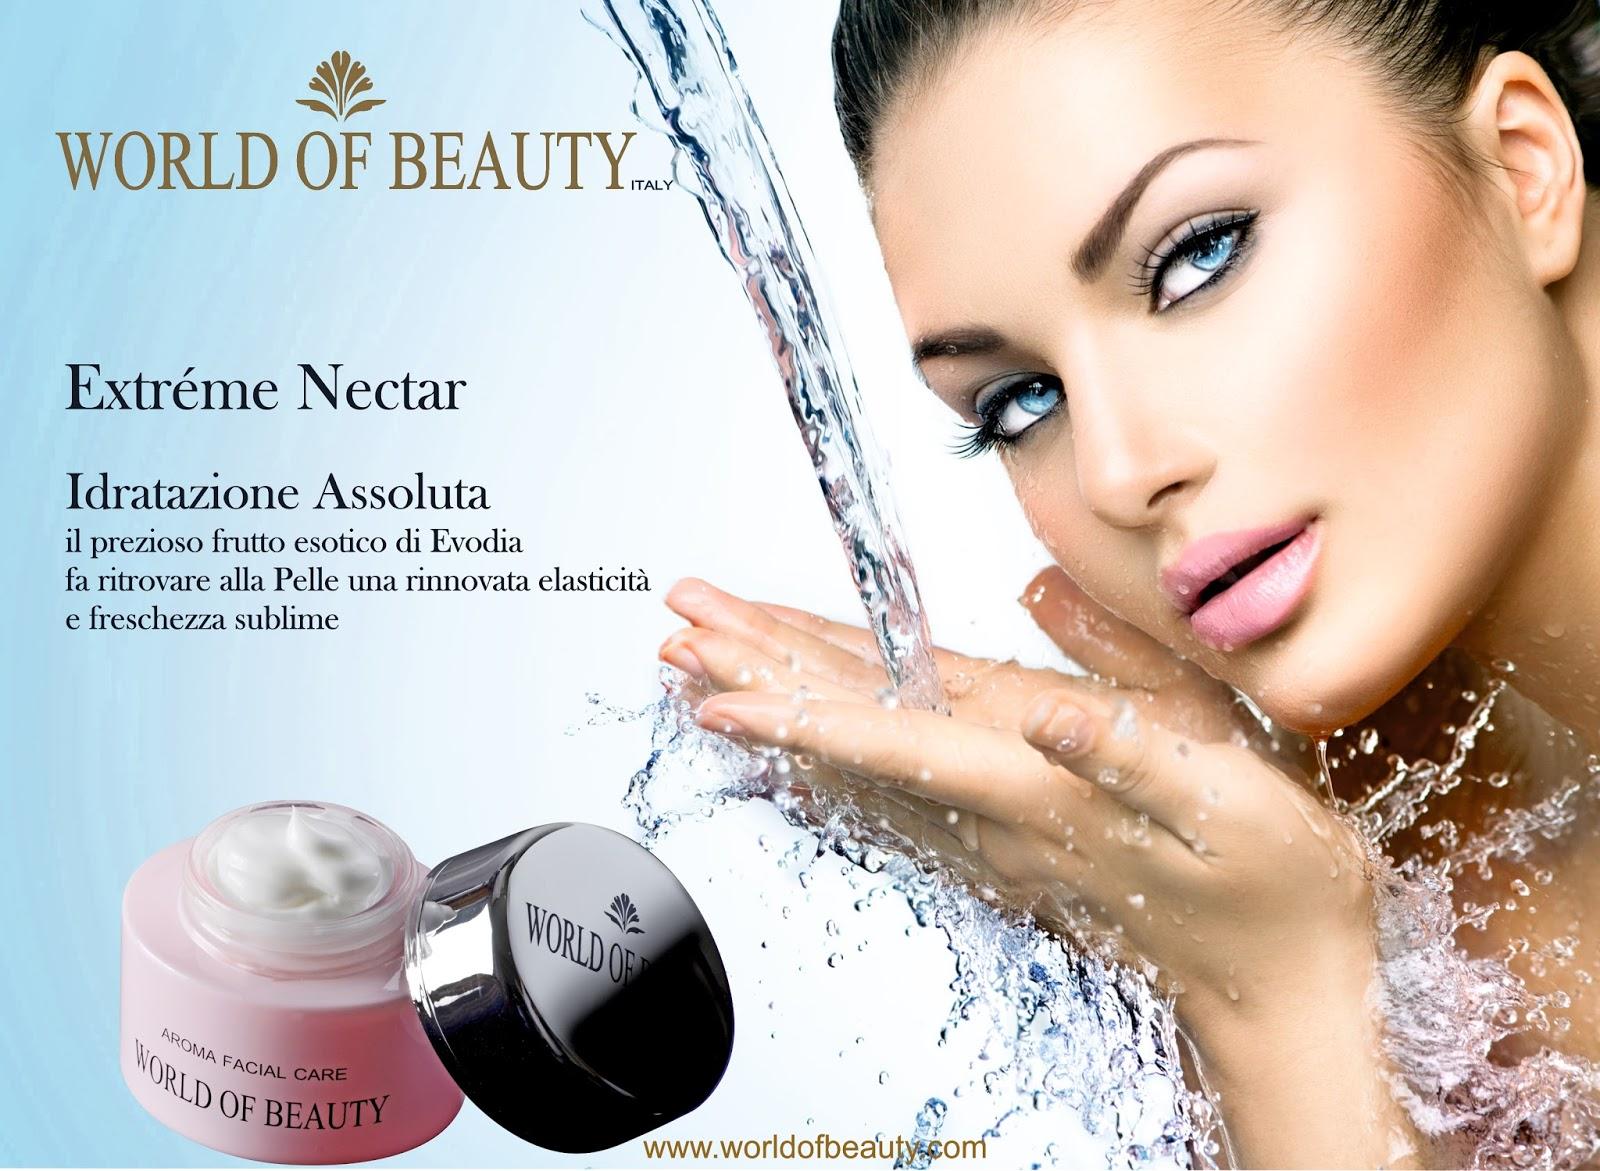 extreme nectar world of beauty